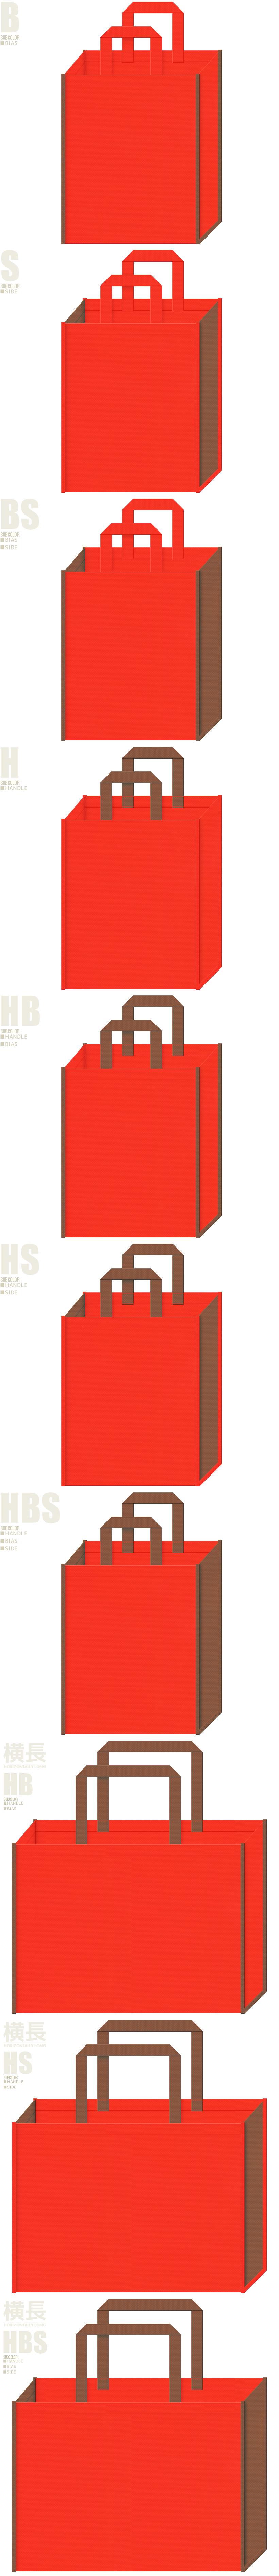 オレンジ色と茶色-不織布バッグの配色デザイン例-紅茶・南国・サンセットイメージの不織布バッグにお奨めです。